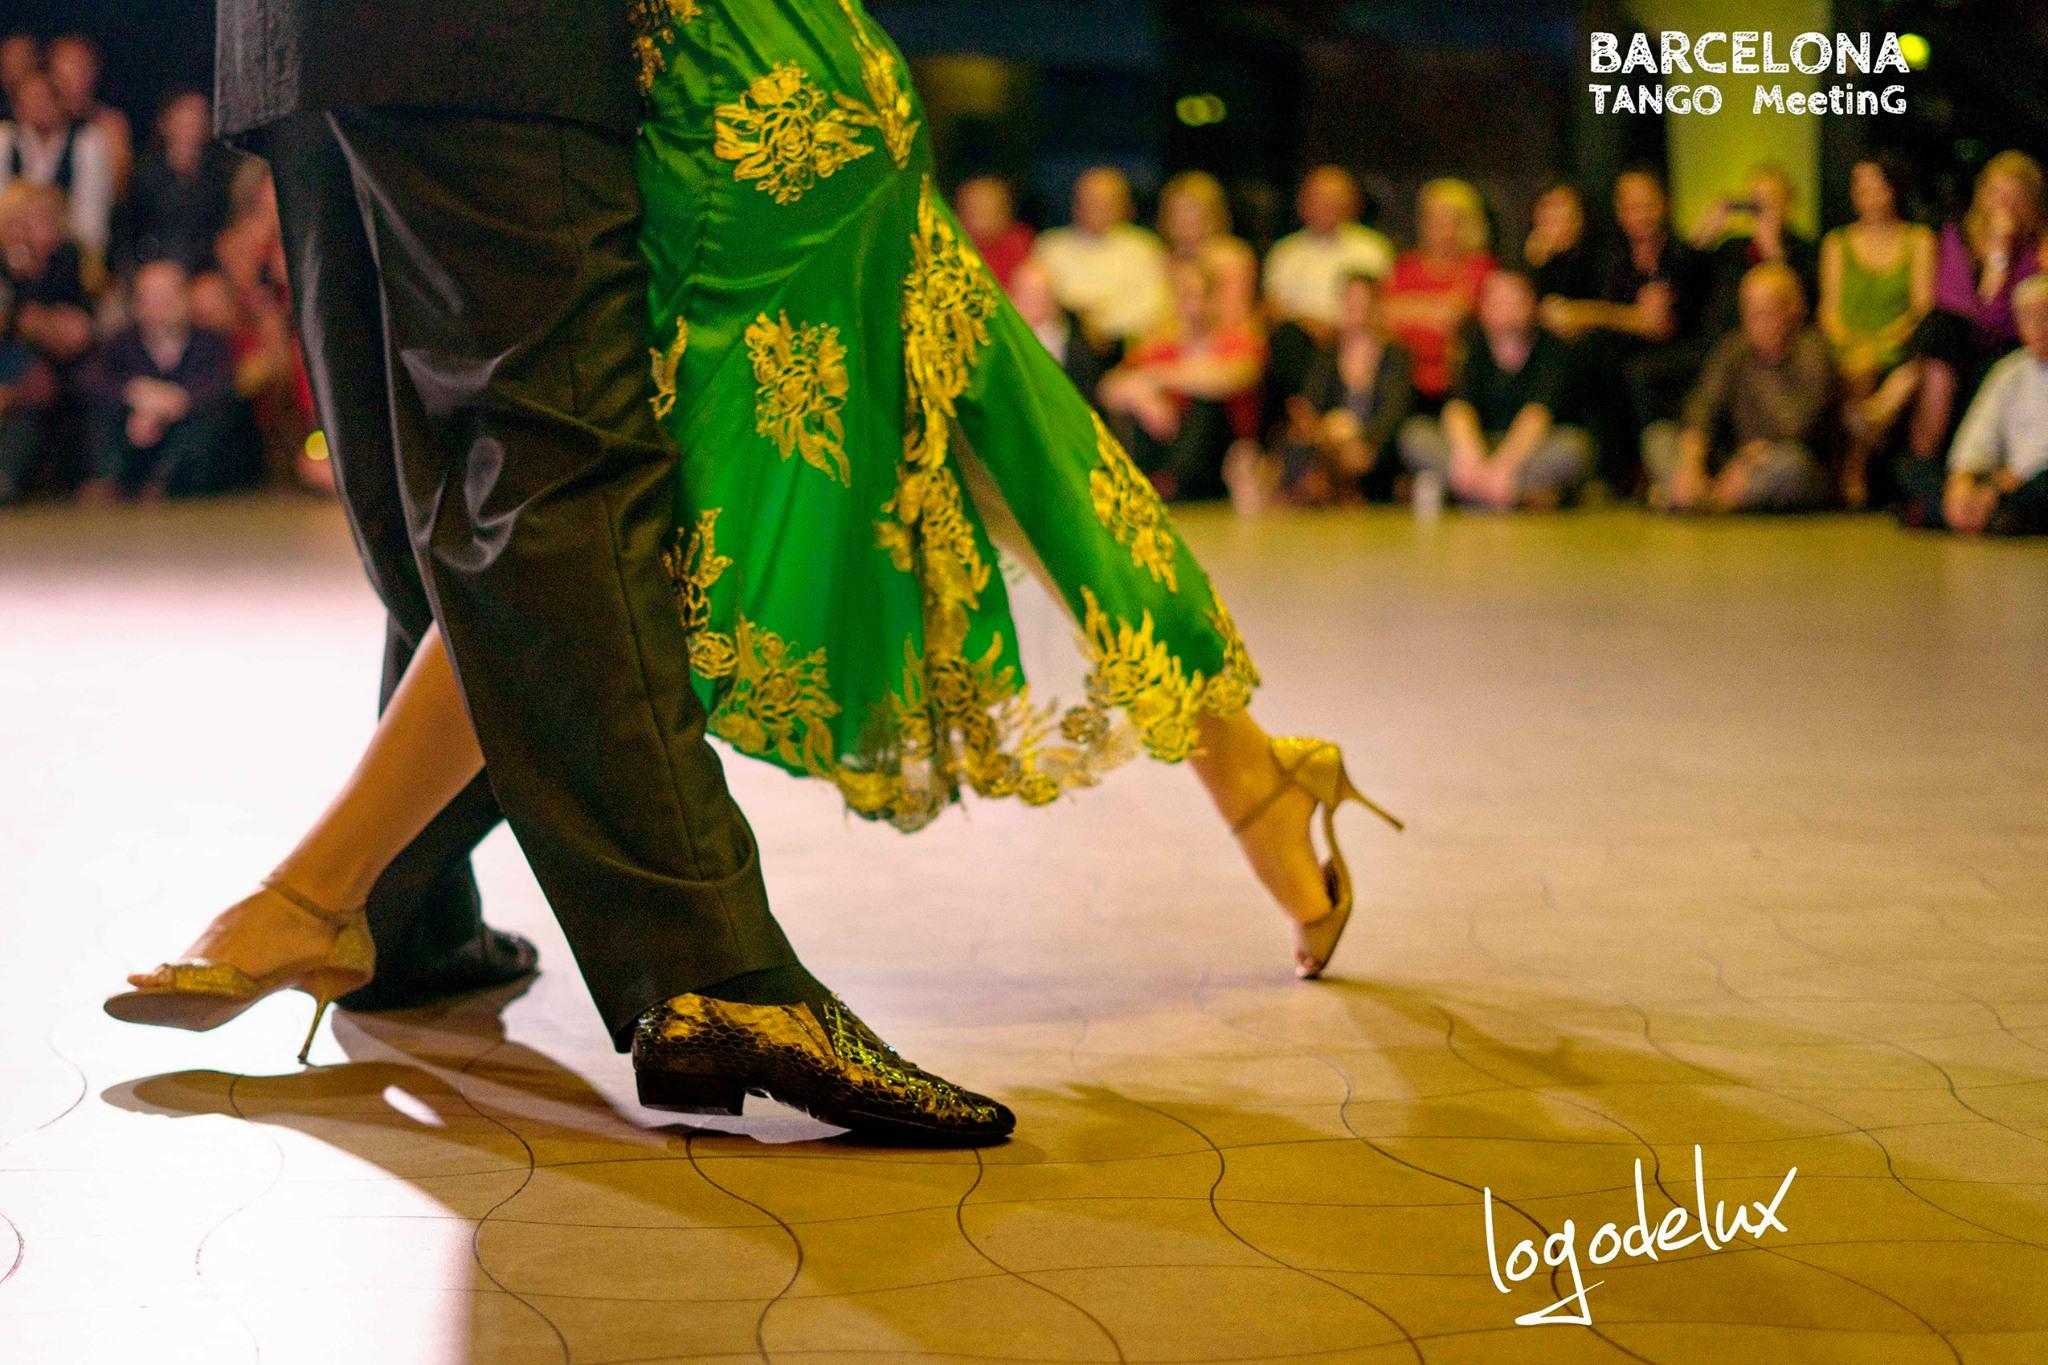 Barcelona Tango Meeting 2016